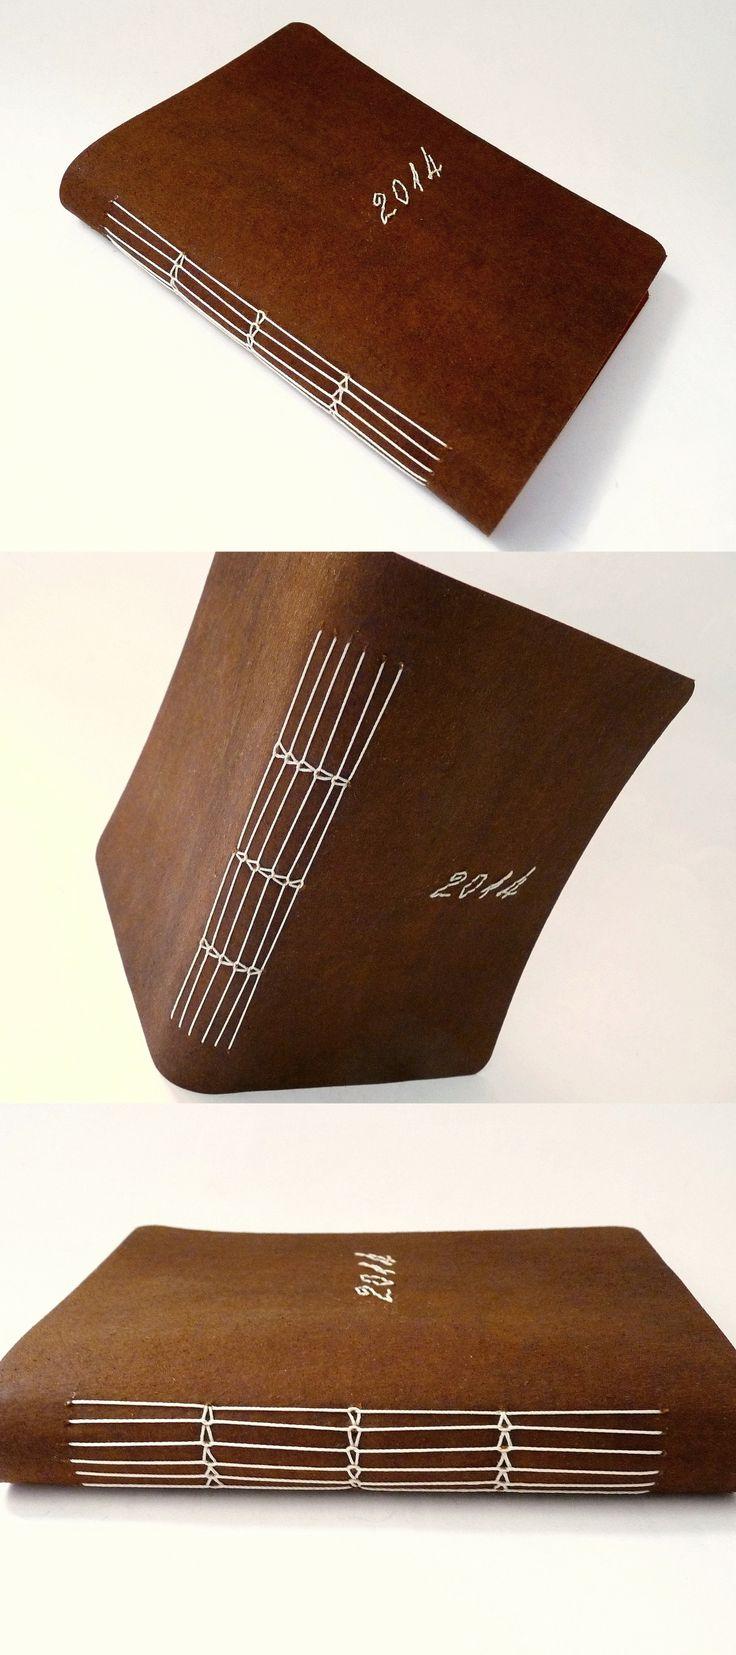 agenda 2014, capas em recouro bordado, encadernação artesanal por Luisa Gomes Cardoso para o Canteiro de Alfaces